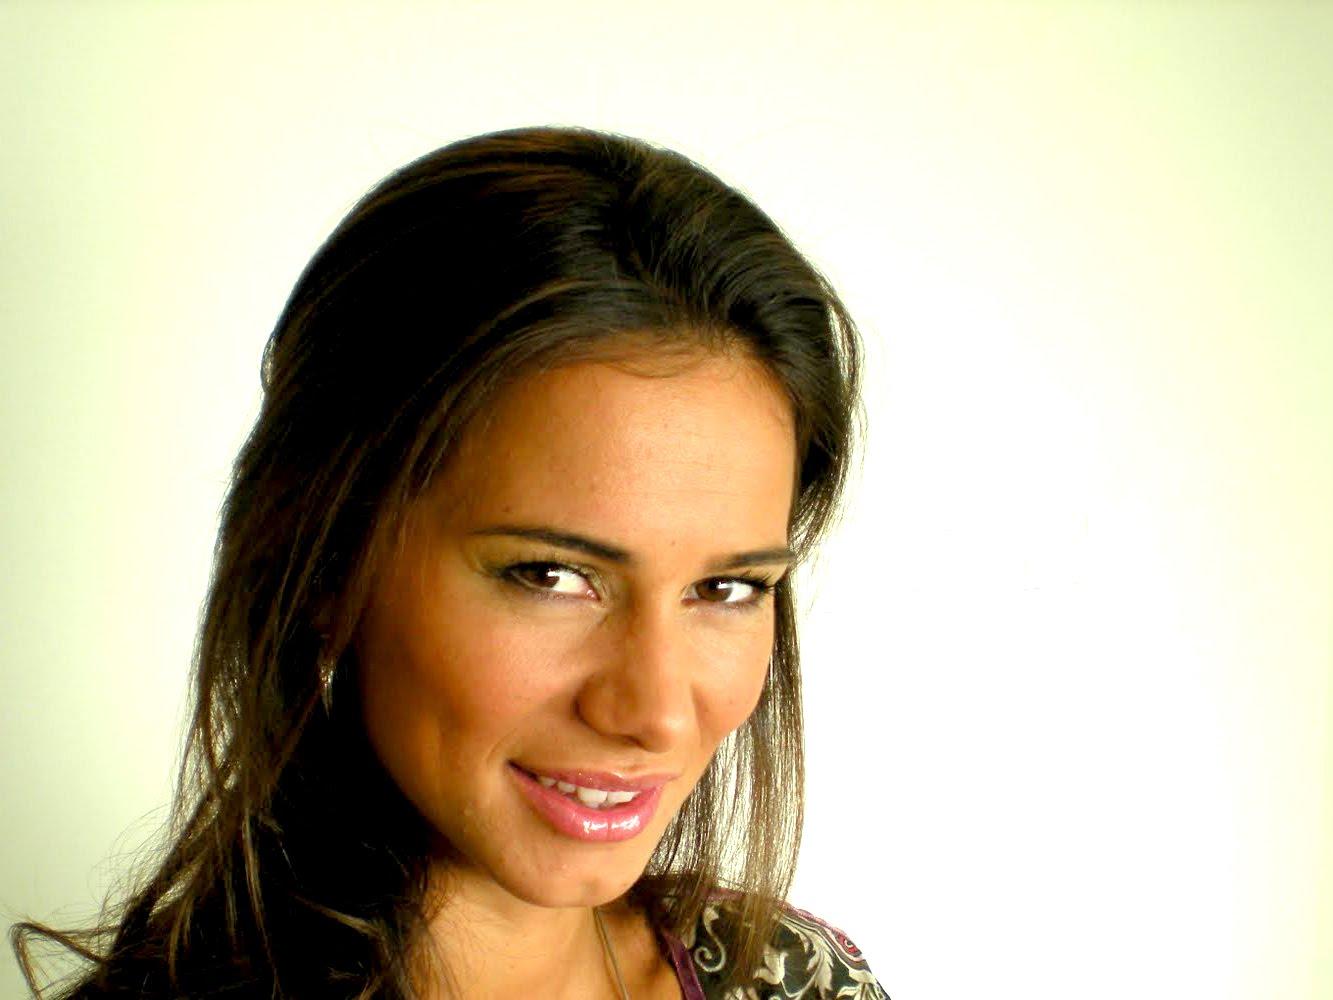 Cláudia Vieira 43